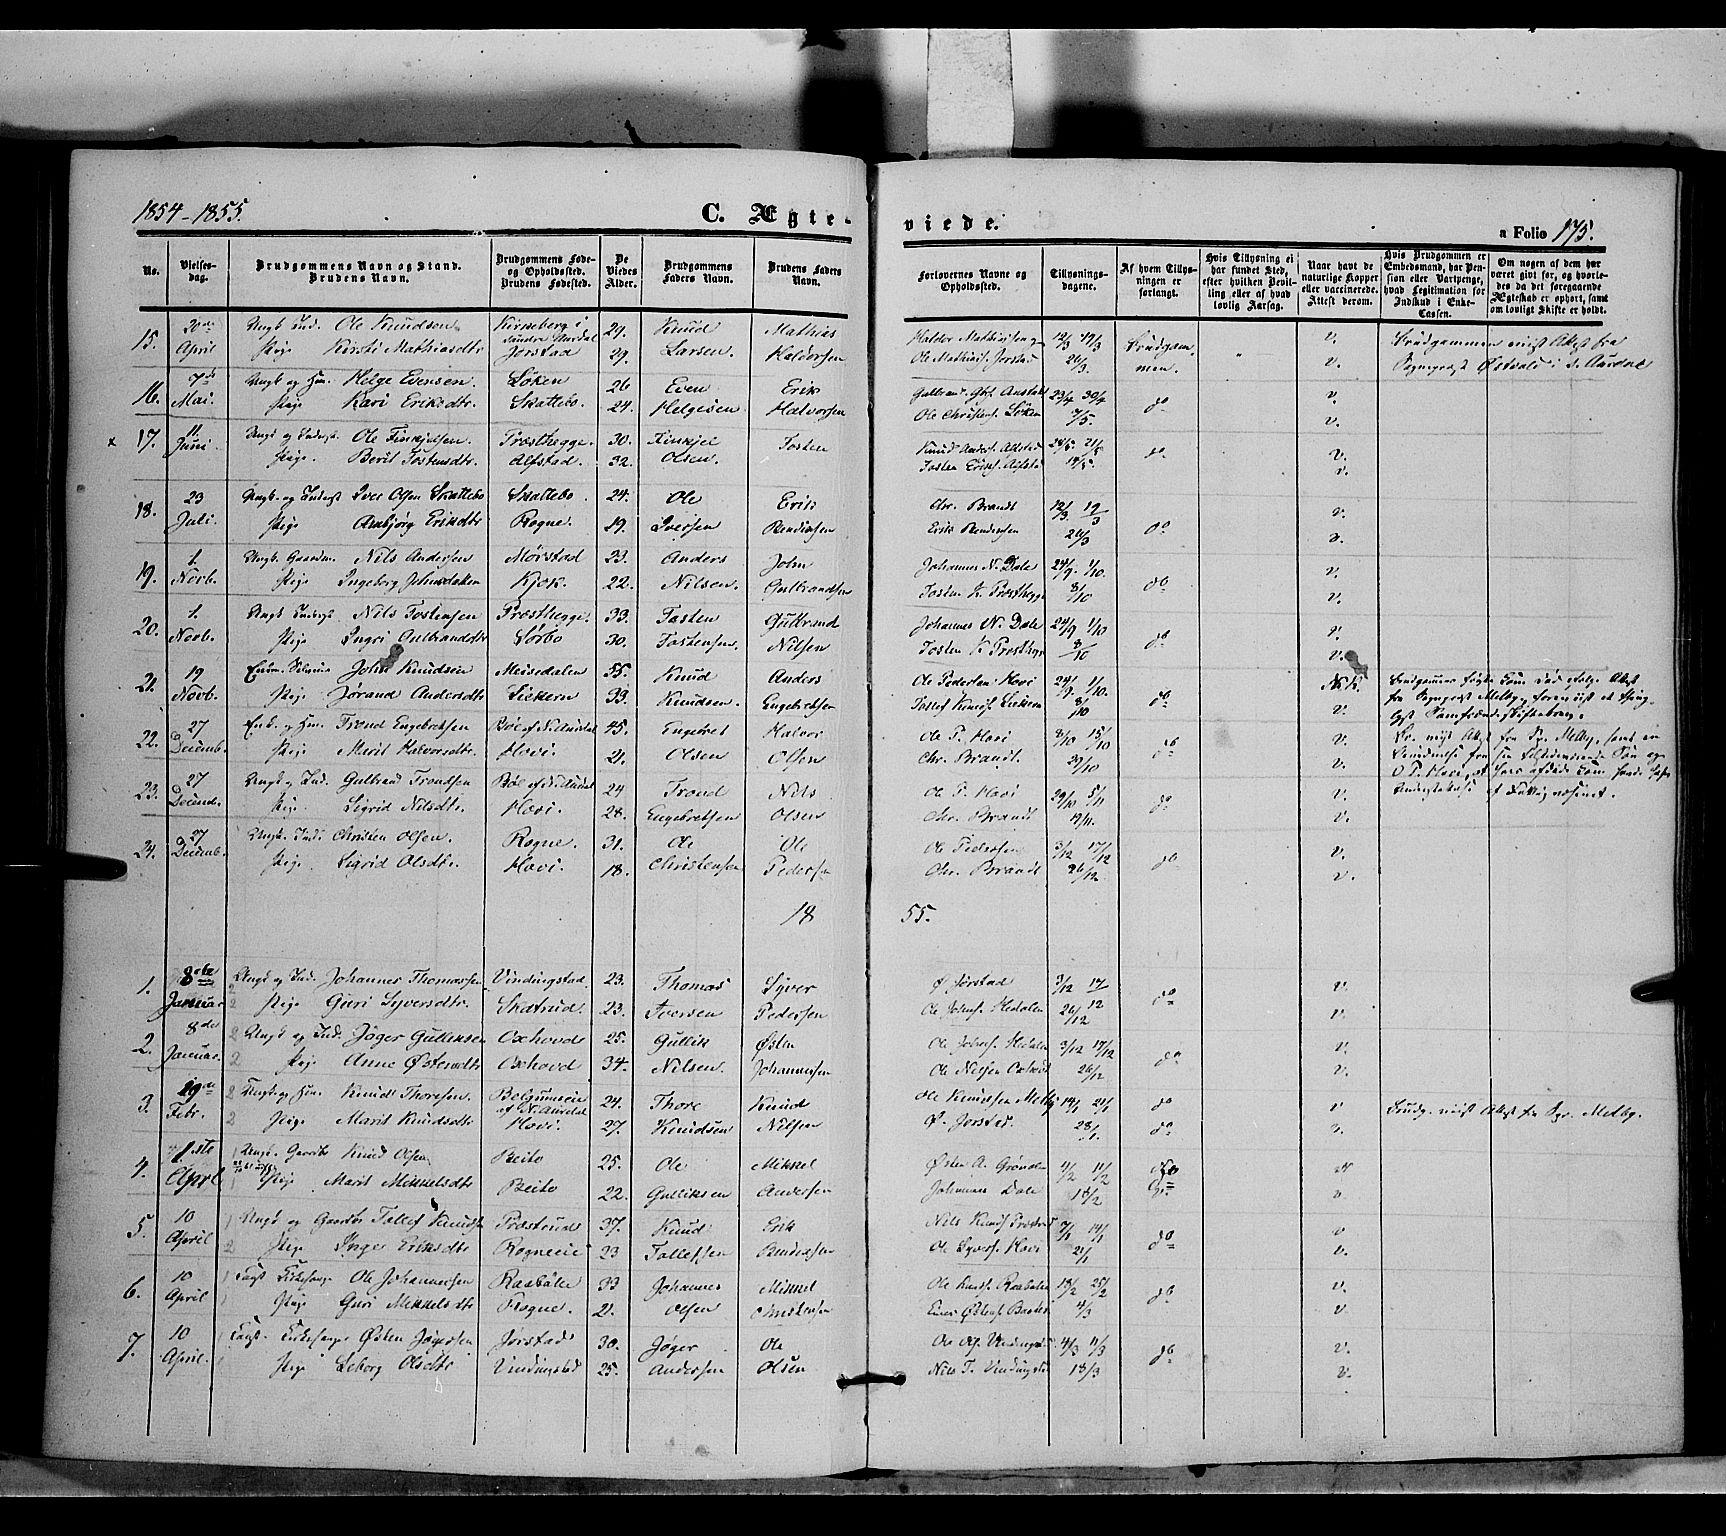 SAH, Øystre Slidre prestekontor, Ministerialbok nr. 1, 1849-1874, s. 175